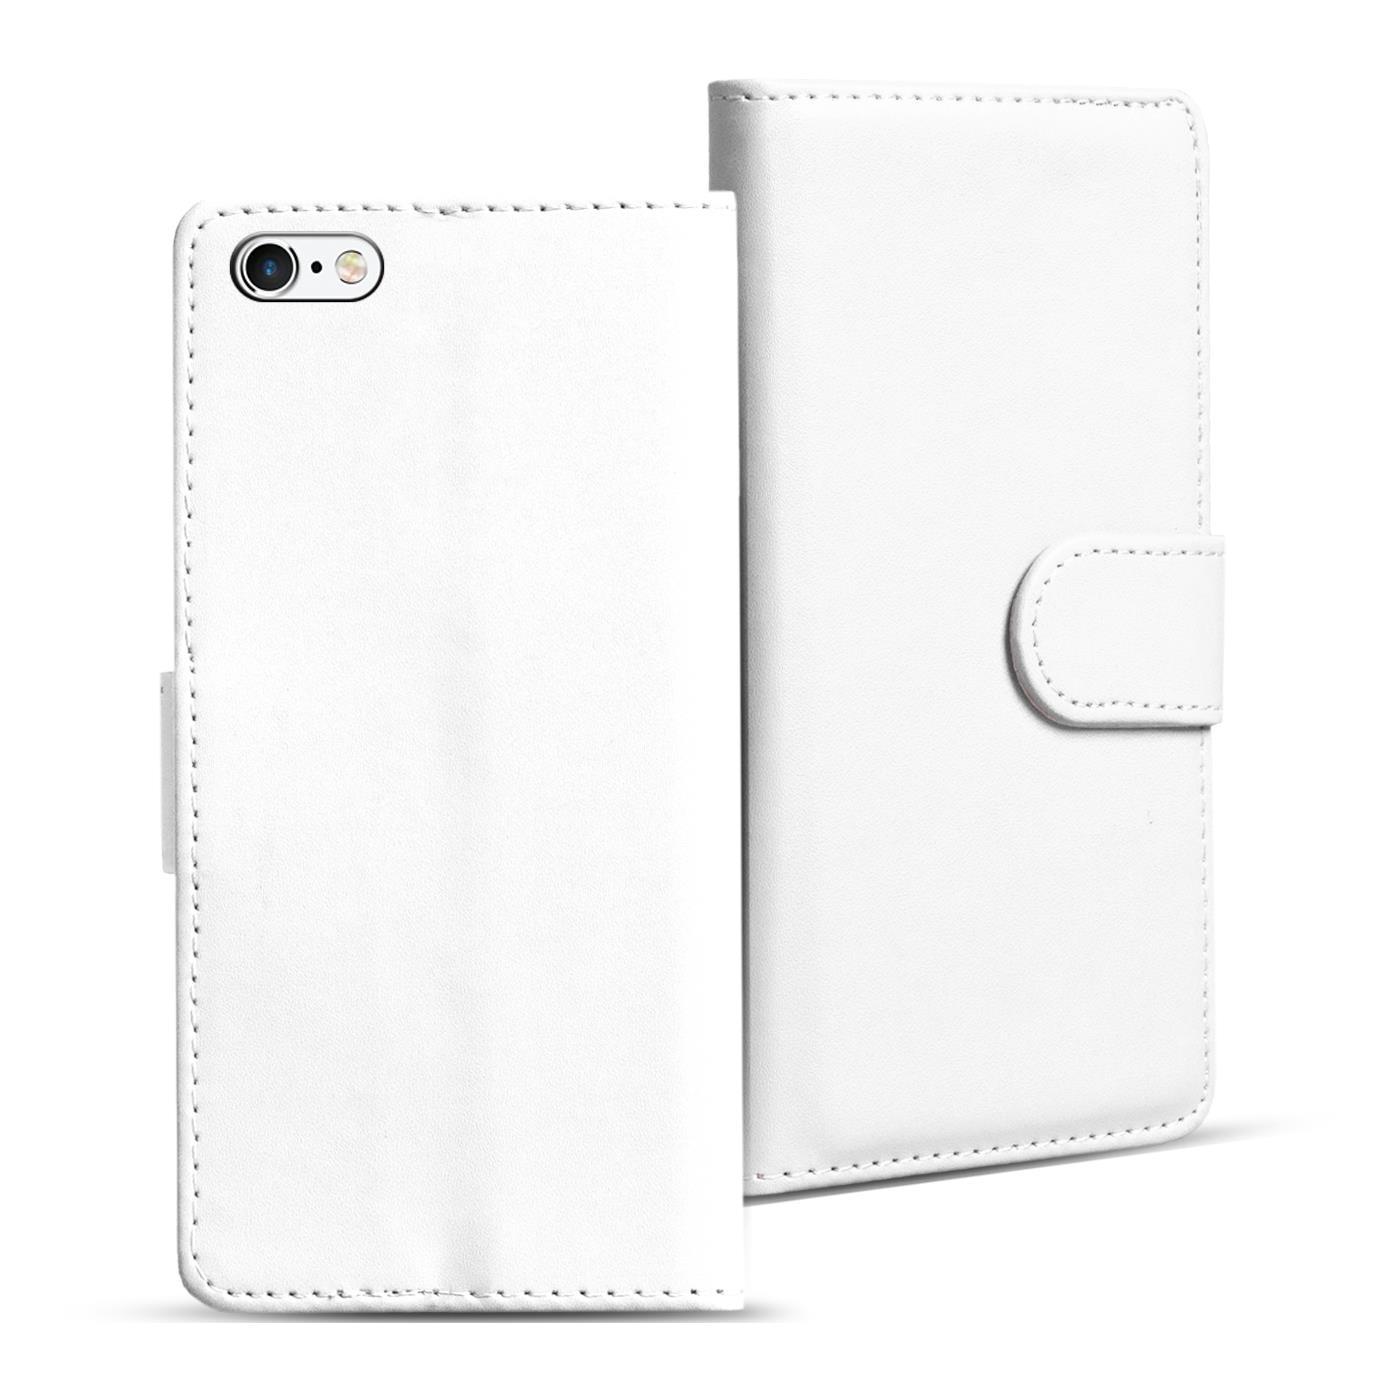 Handy Hülle für Apple iPhone Case Schutz Tasche Cover